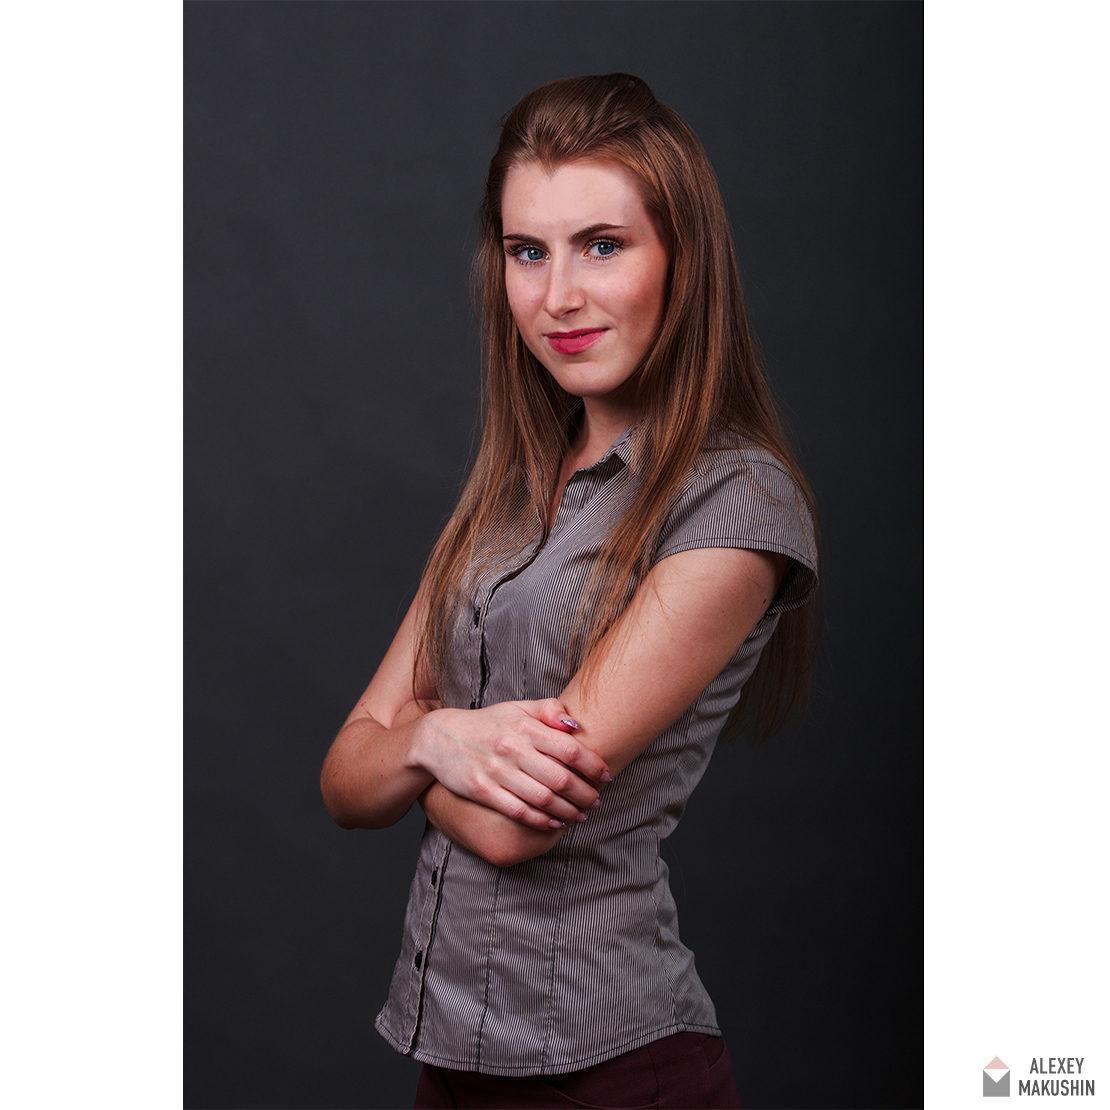 профессиональный бизнес портрет